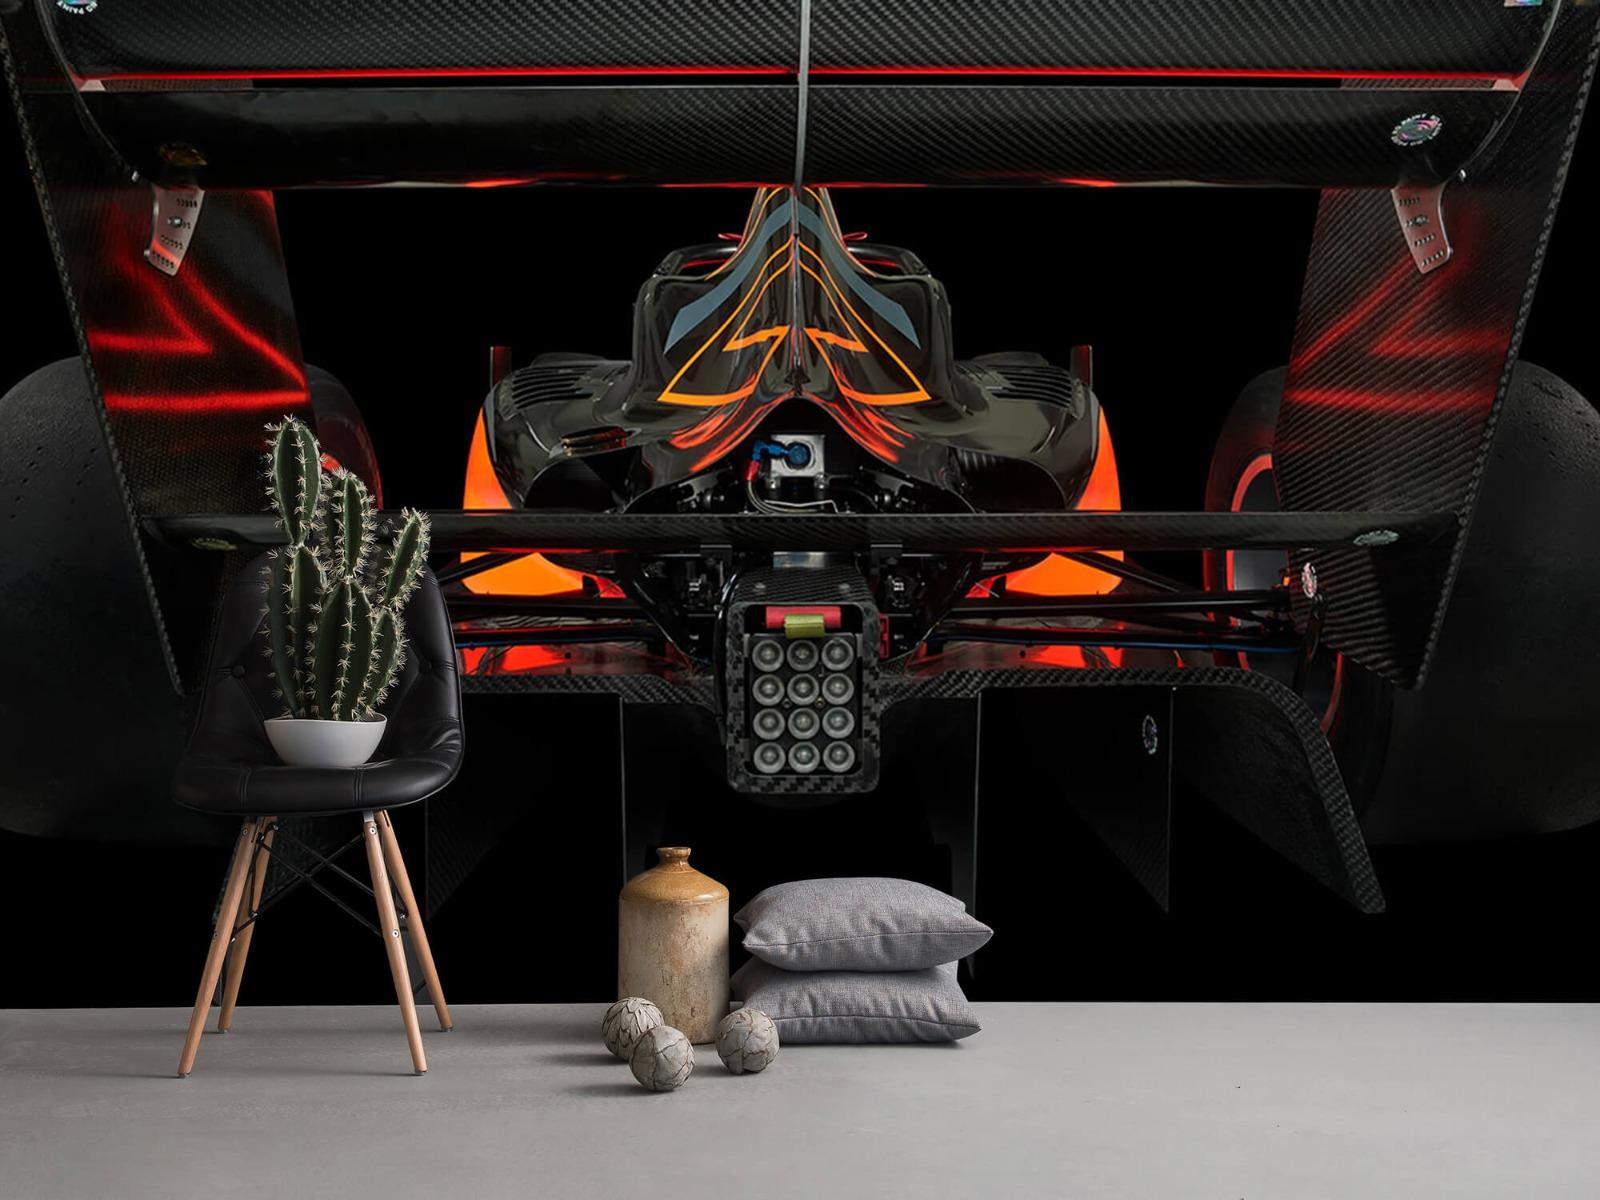 Sportauto's - Formule 3 - Lower rear view - dark - Garage 12